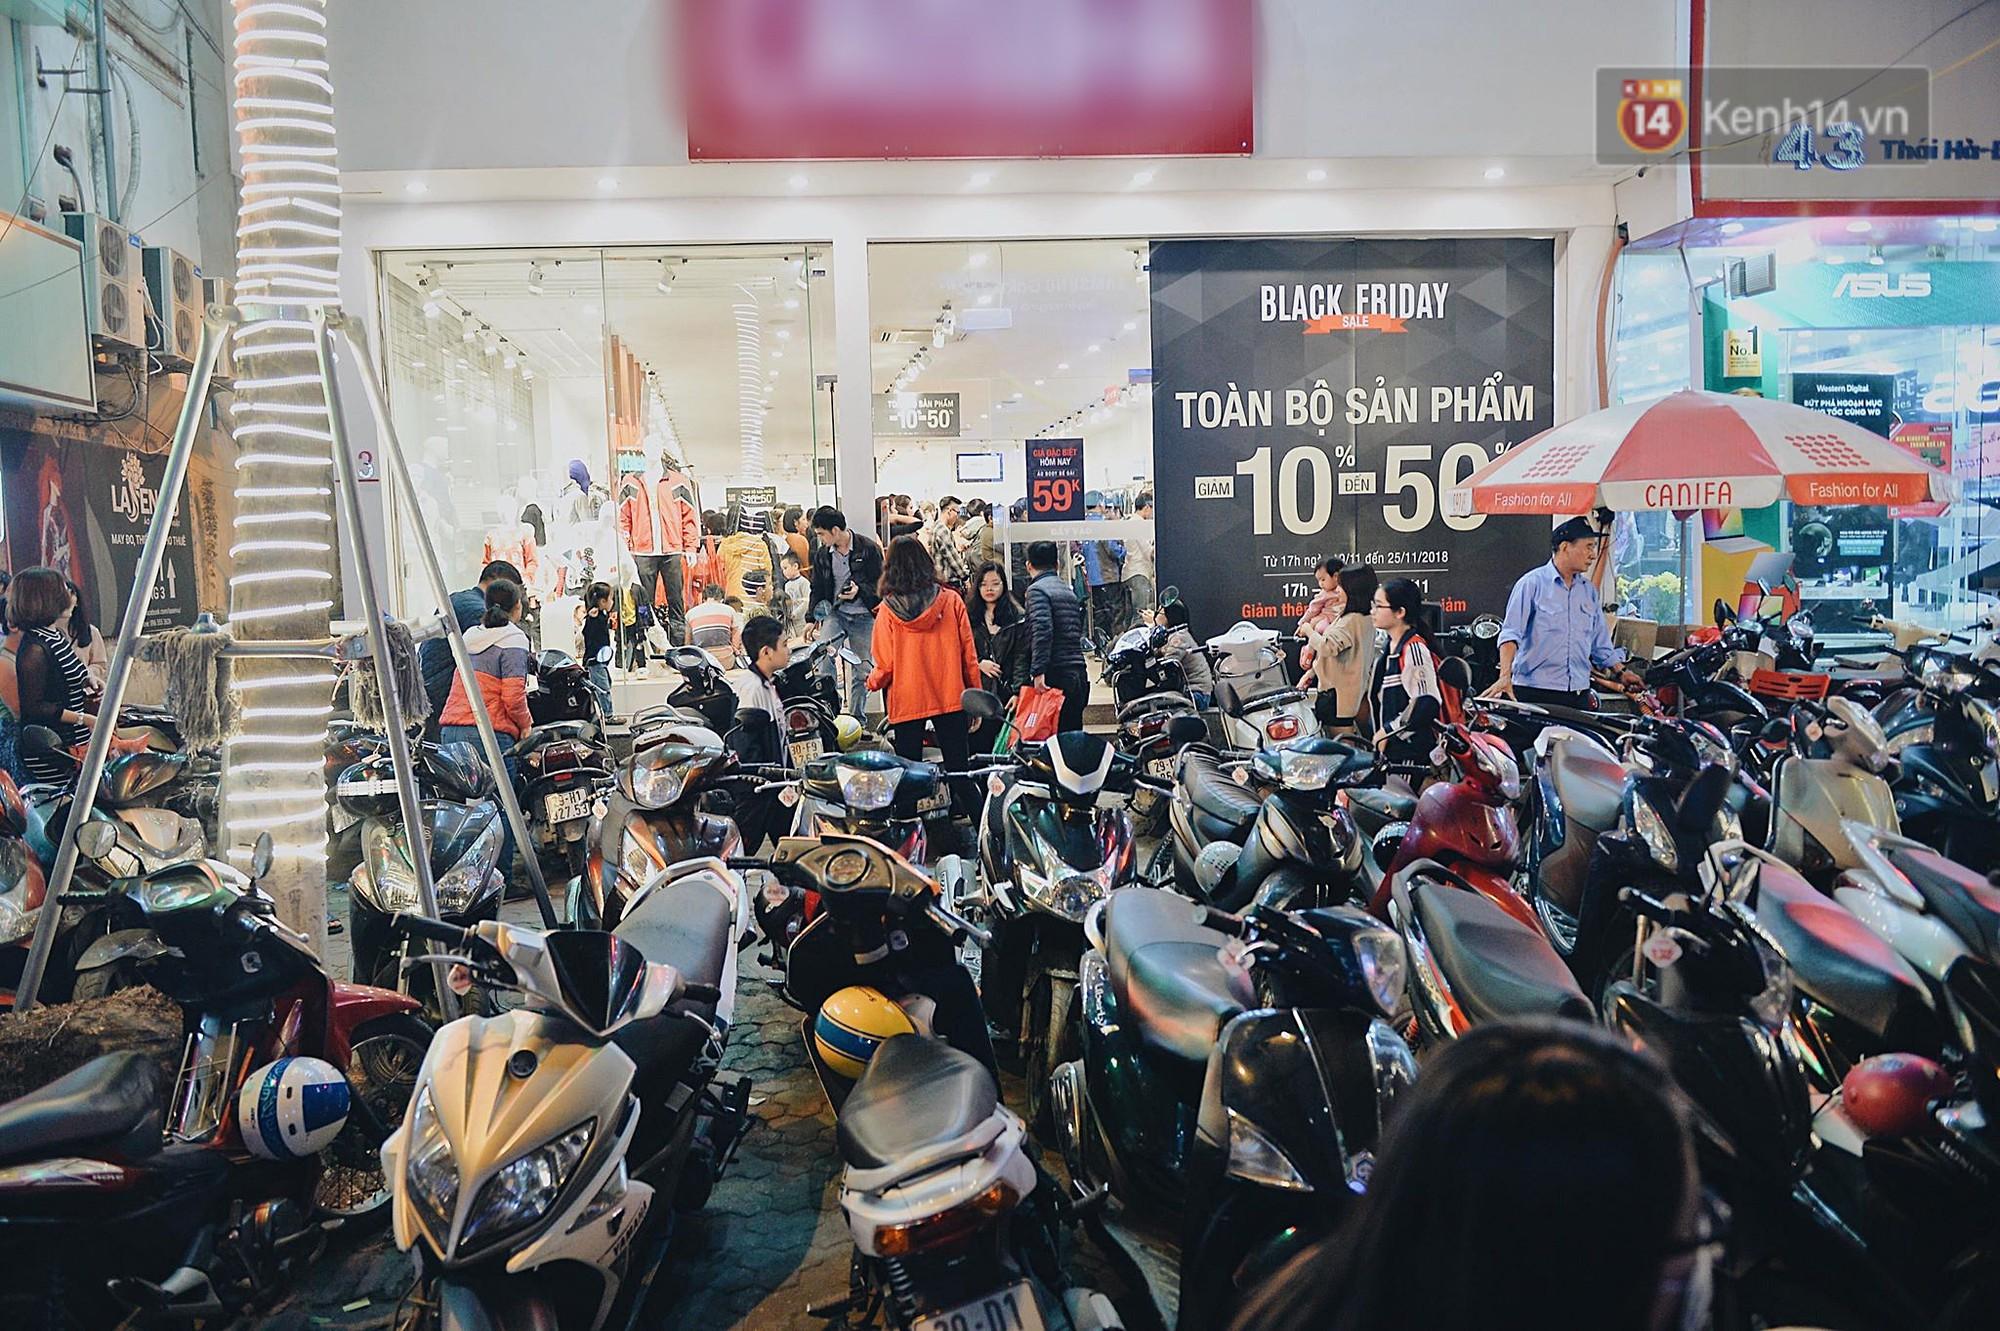 Tối ngày Black Friday ở Hà Nội: Đường phố tắc nghẽn vì bão sale chưa hạ nhiệt - Ảnh 3.